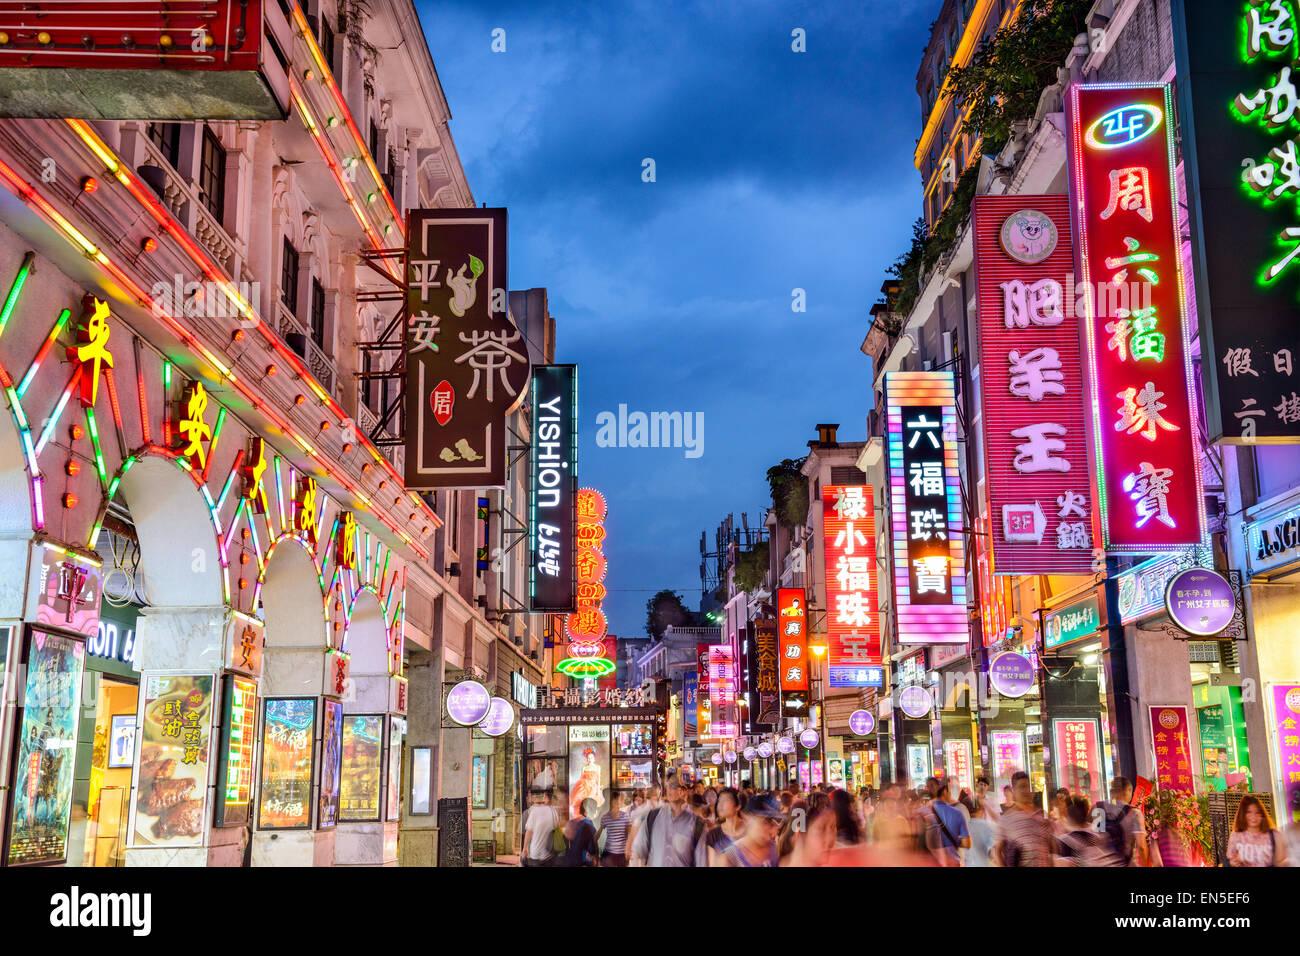 Pedestrians pass through Shangxiajiu Pedestrian Street in Guangzhou, China. - Stock Image